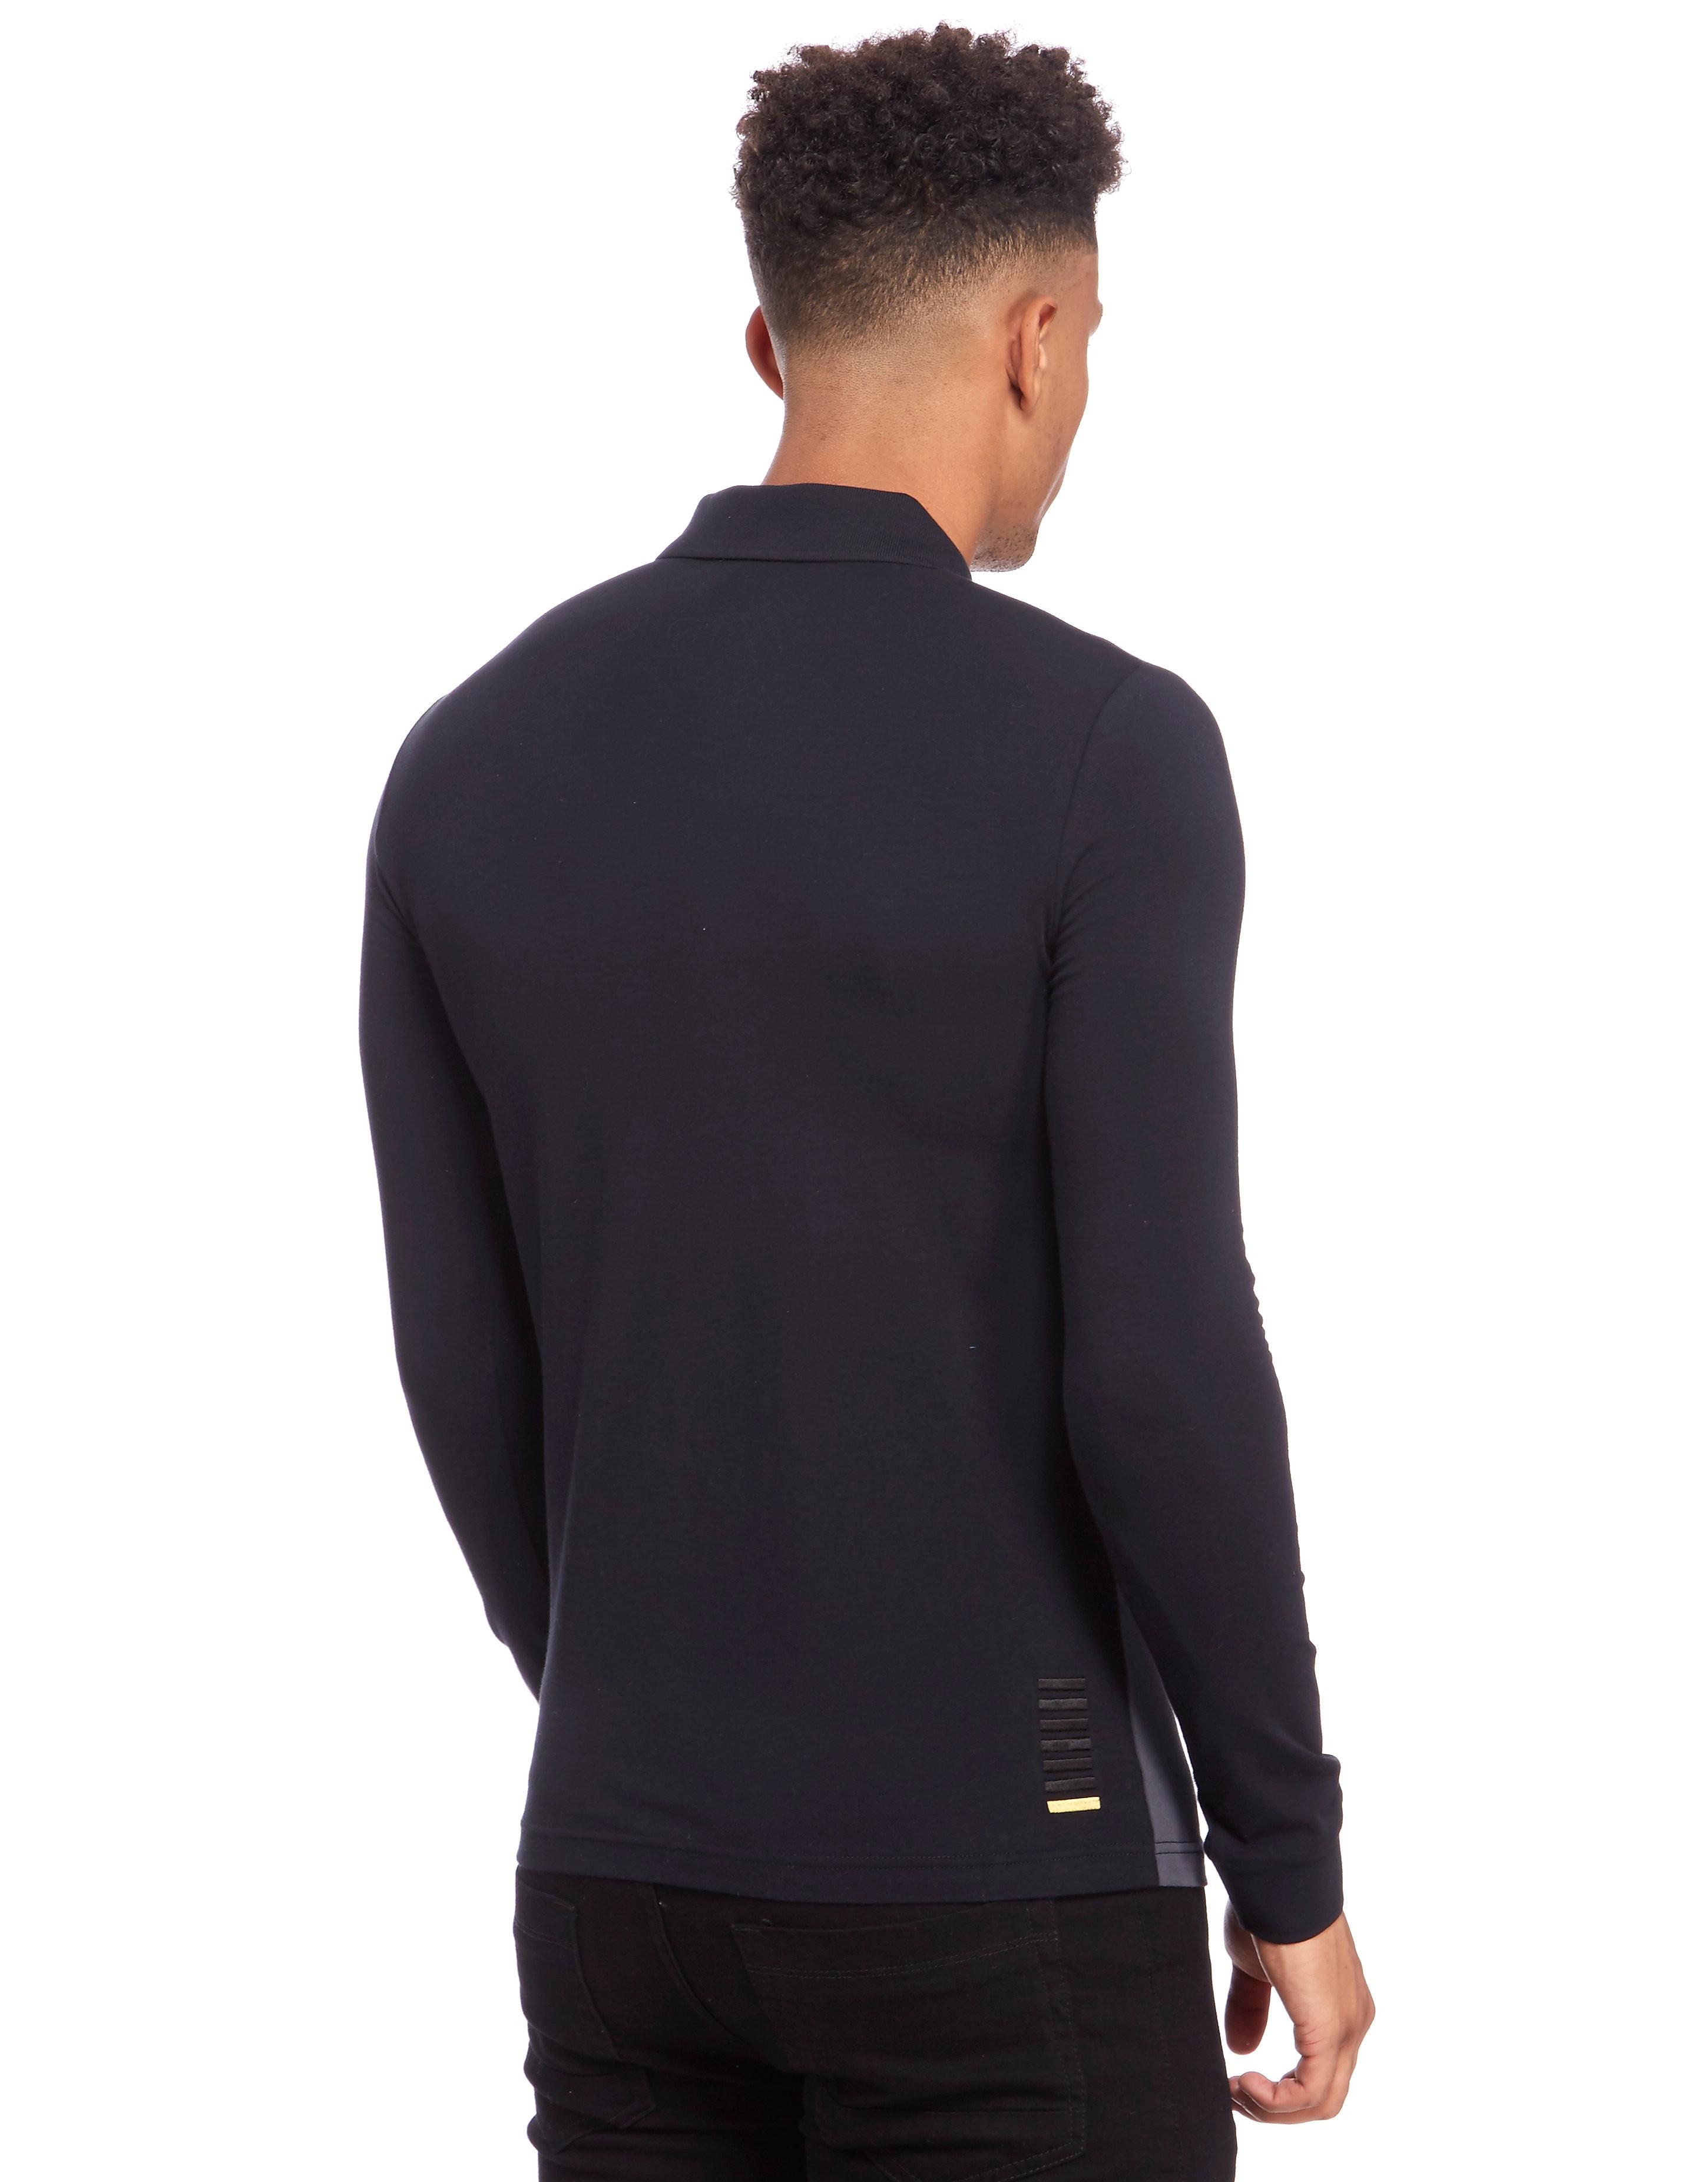 Emporio Armani EA7 Panel Block Longsleeve Polo Shirt